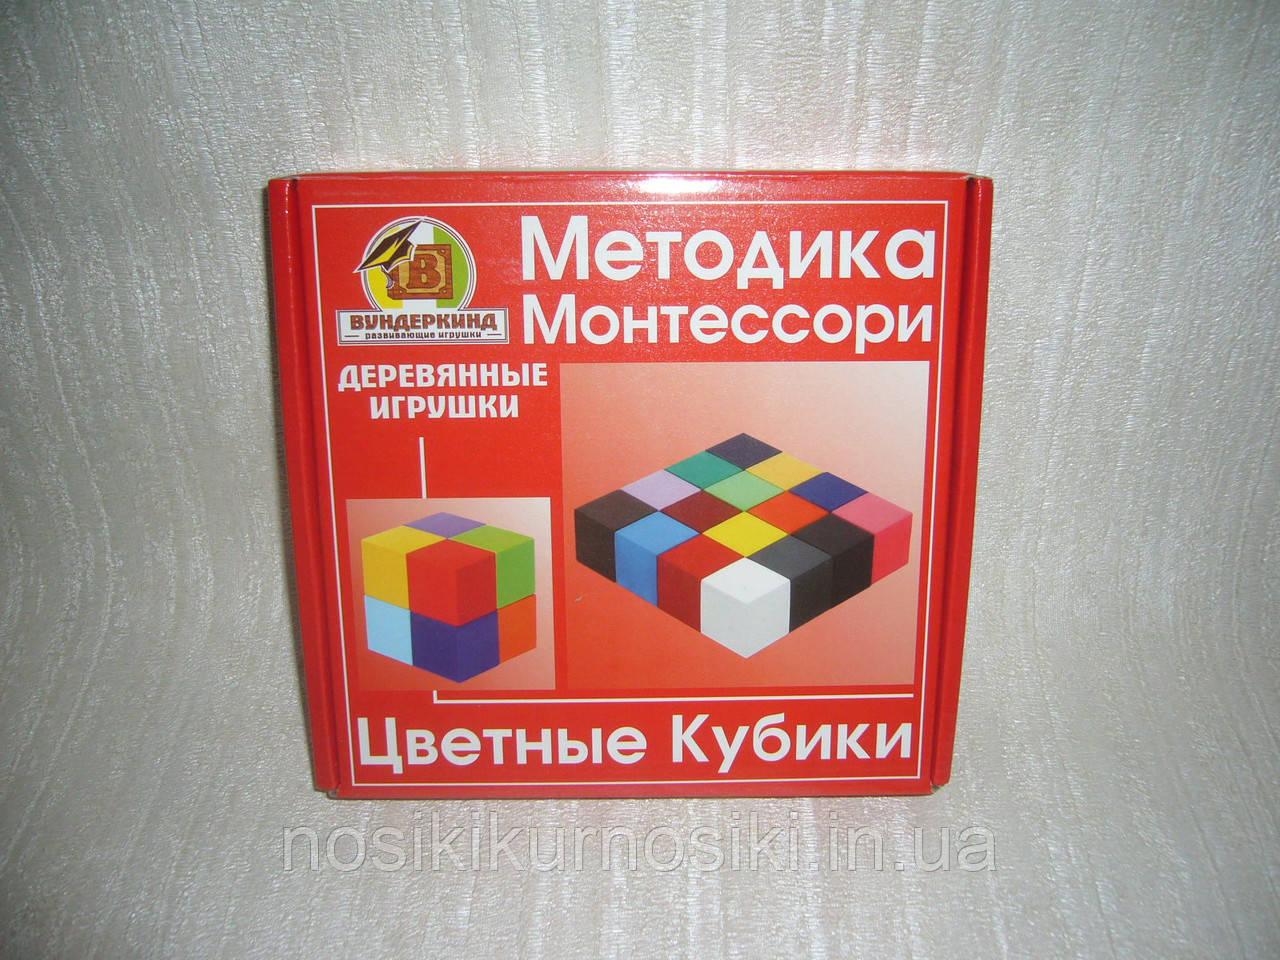 Цветные кубики Методика Монтессори